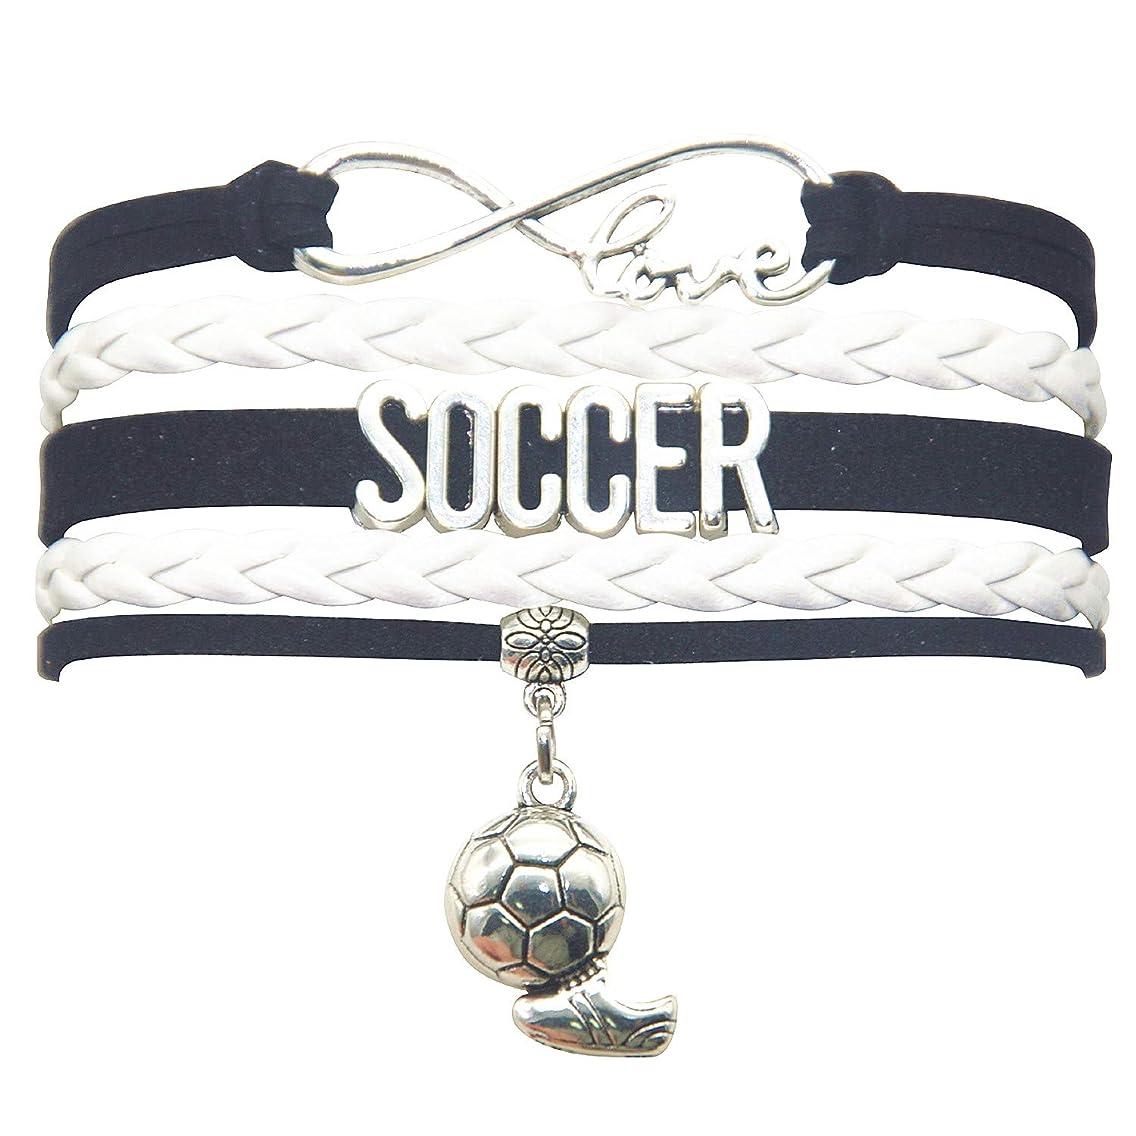 HHHbeauty Infinity Soccer Bracelet Jewelry Cute Soccer Ball Charm Bracelet Soccer Gifts for Women, Girls, Men, Boys, Soccer Lovers, Soccer Team Soccer Themed Gifts